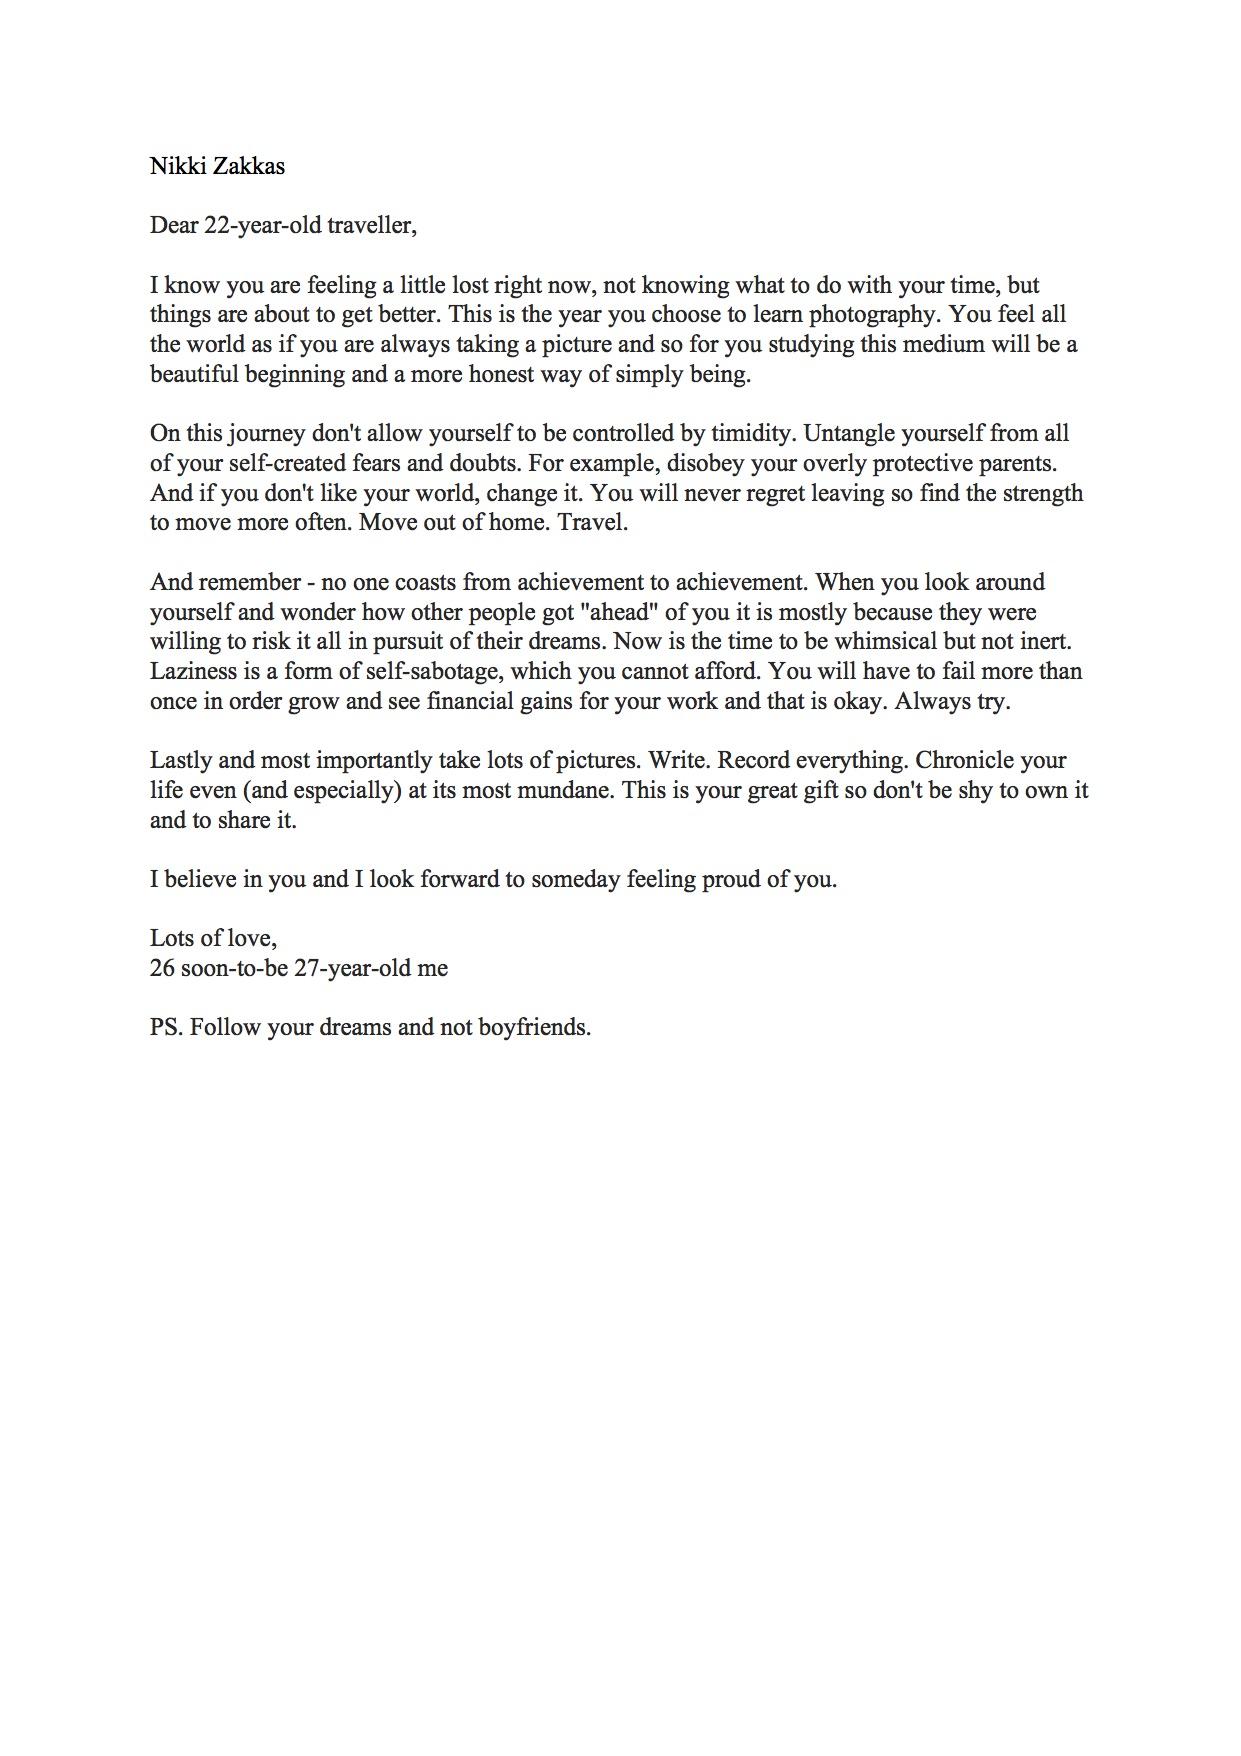 Nikki Zakkas_ Letter .jpg